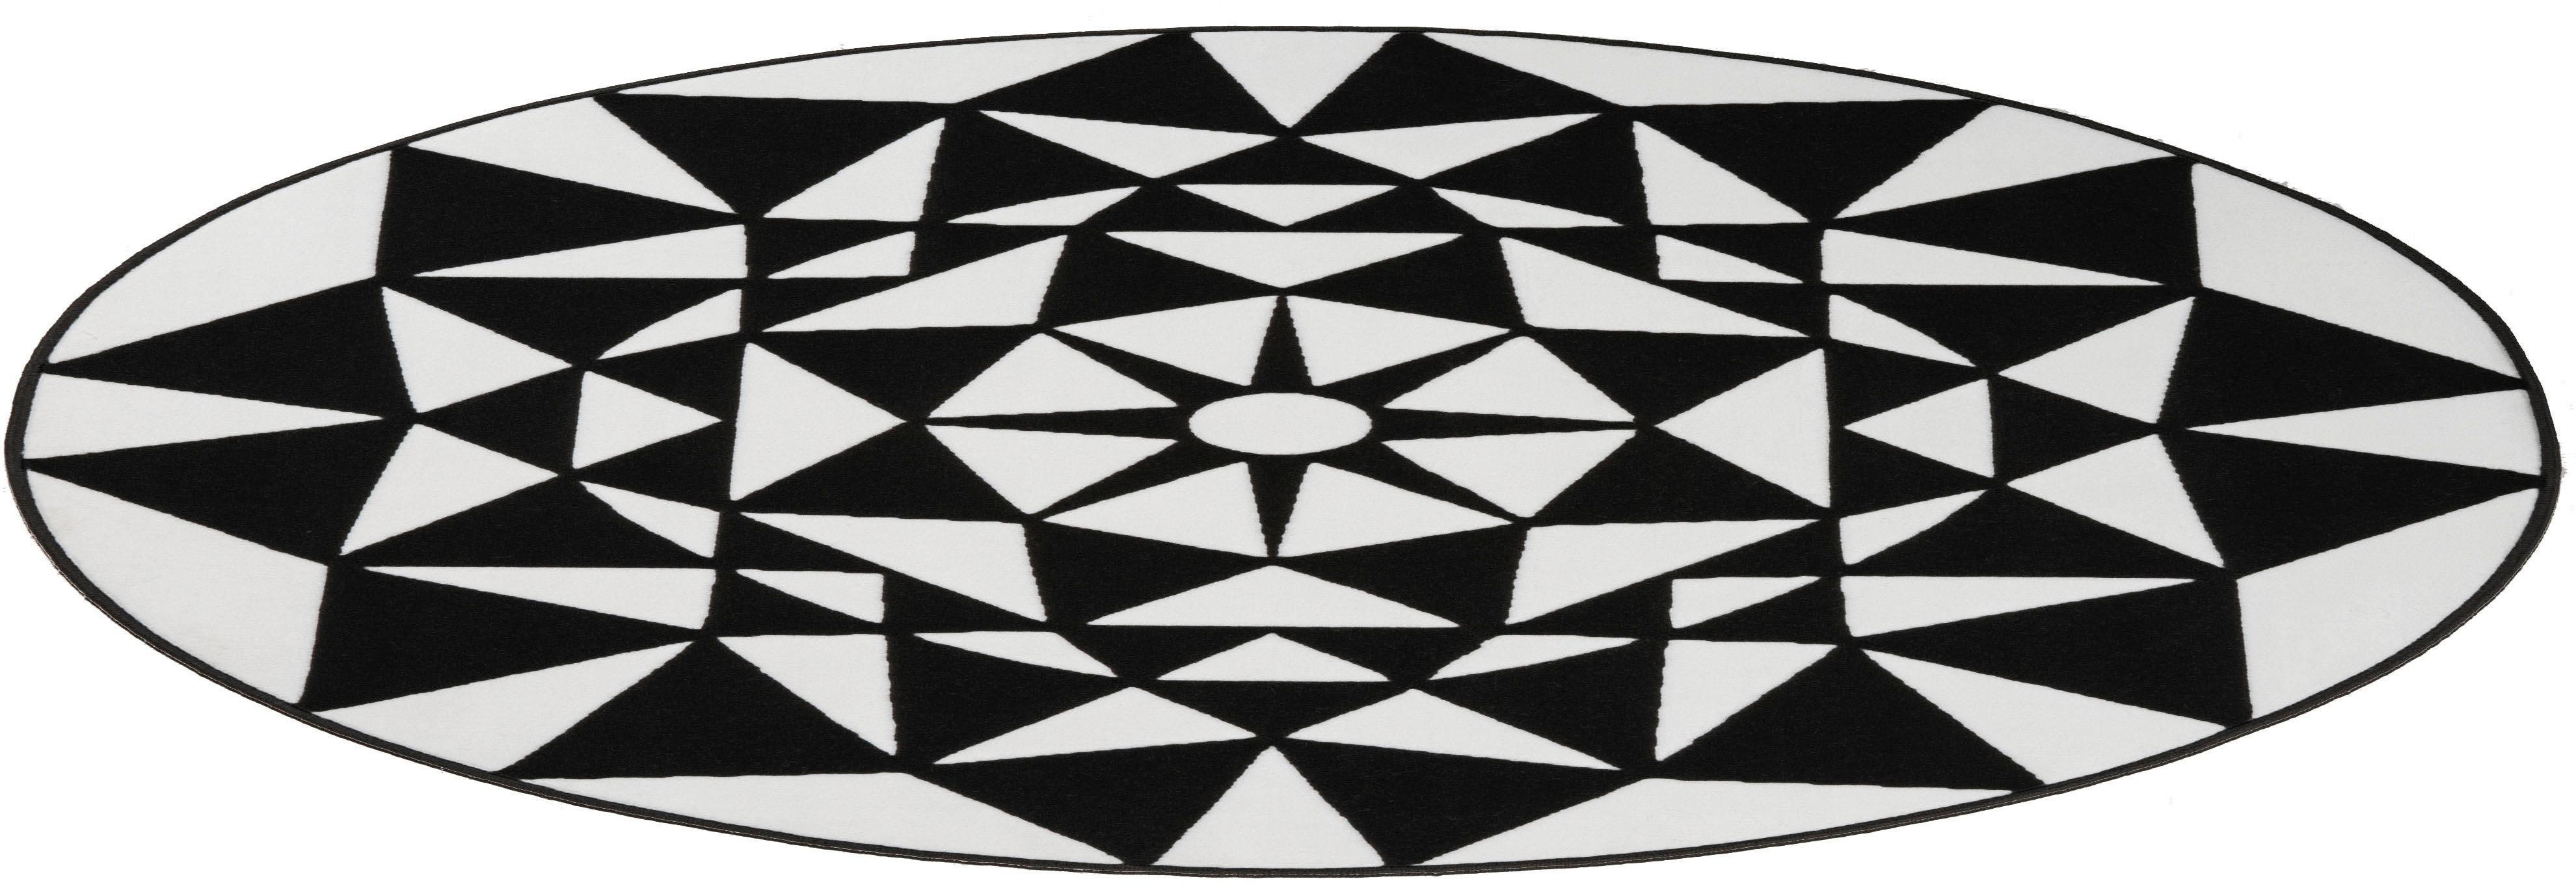 Teppich Franka my home rund Höhe 10 mm maschinell gewebt